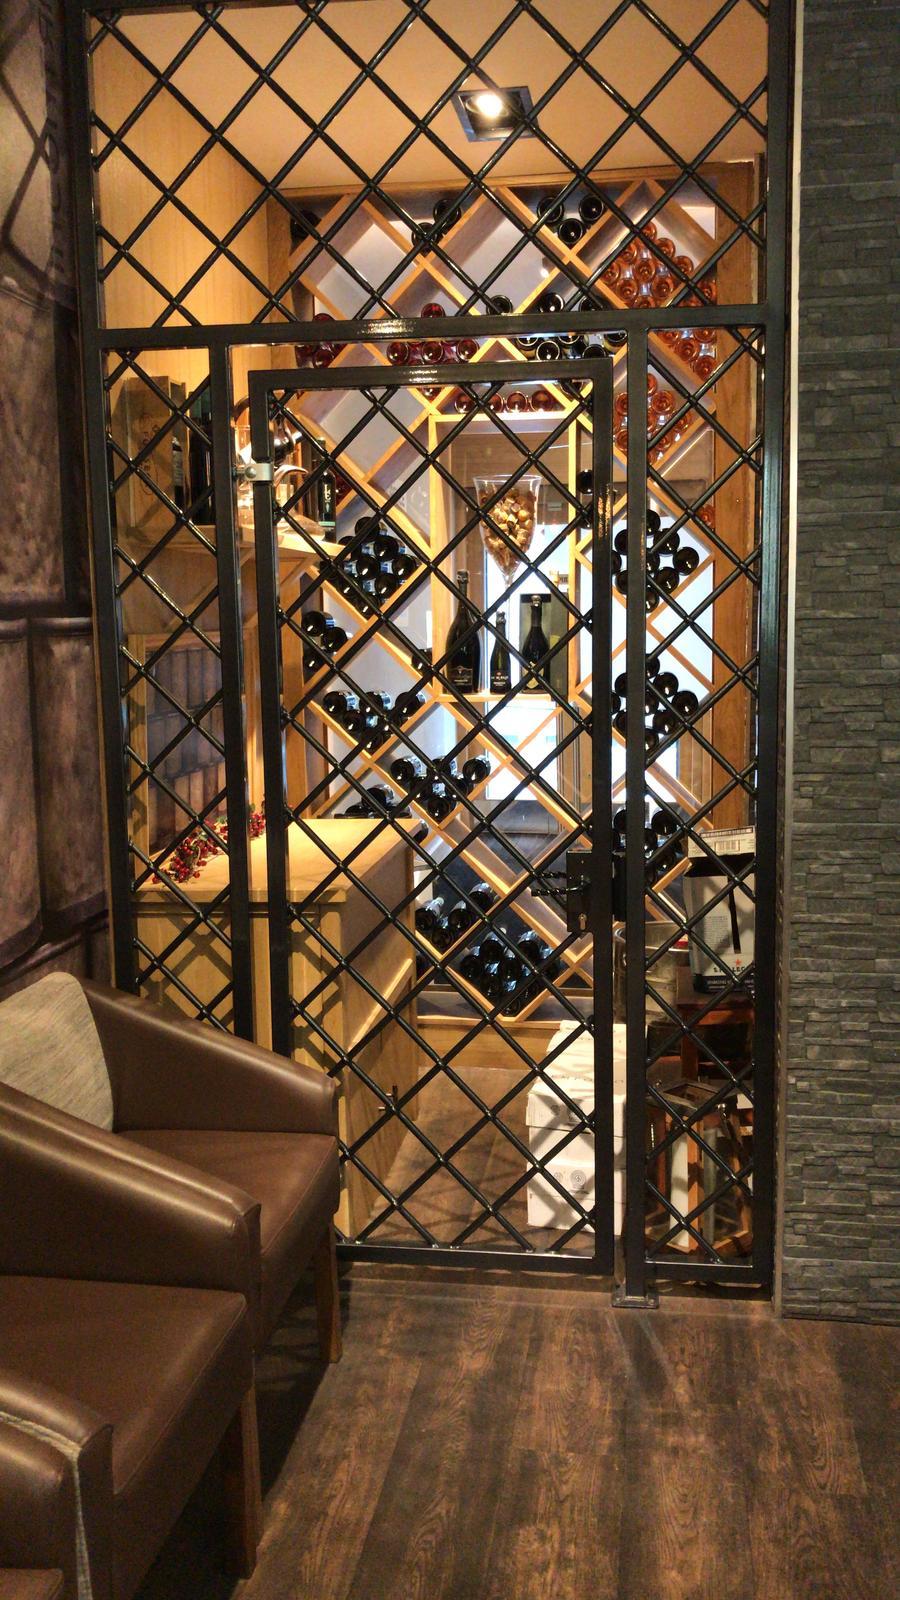 Bespoke wine cellar gates